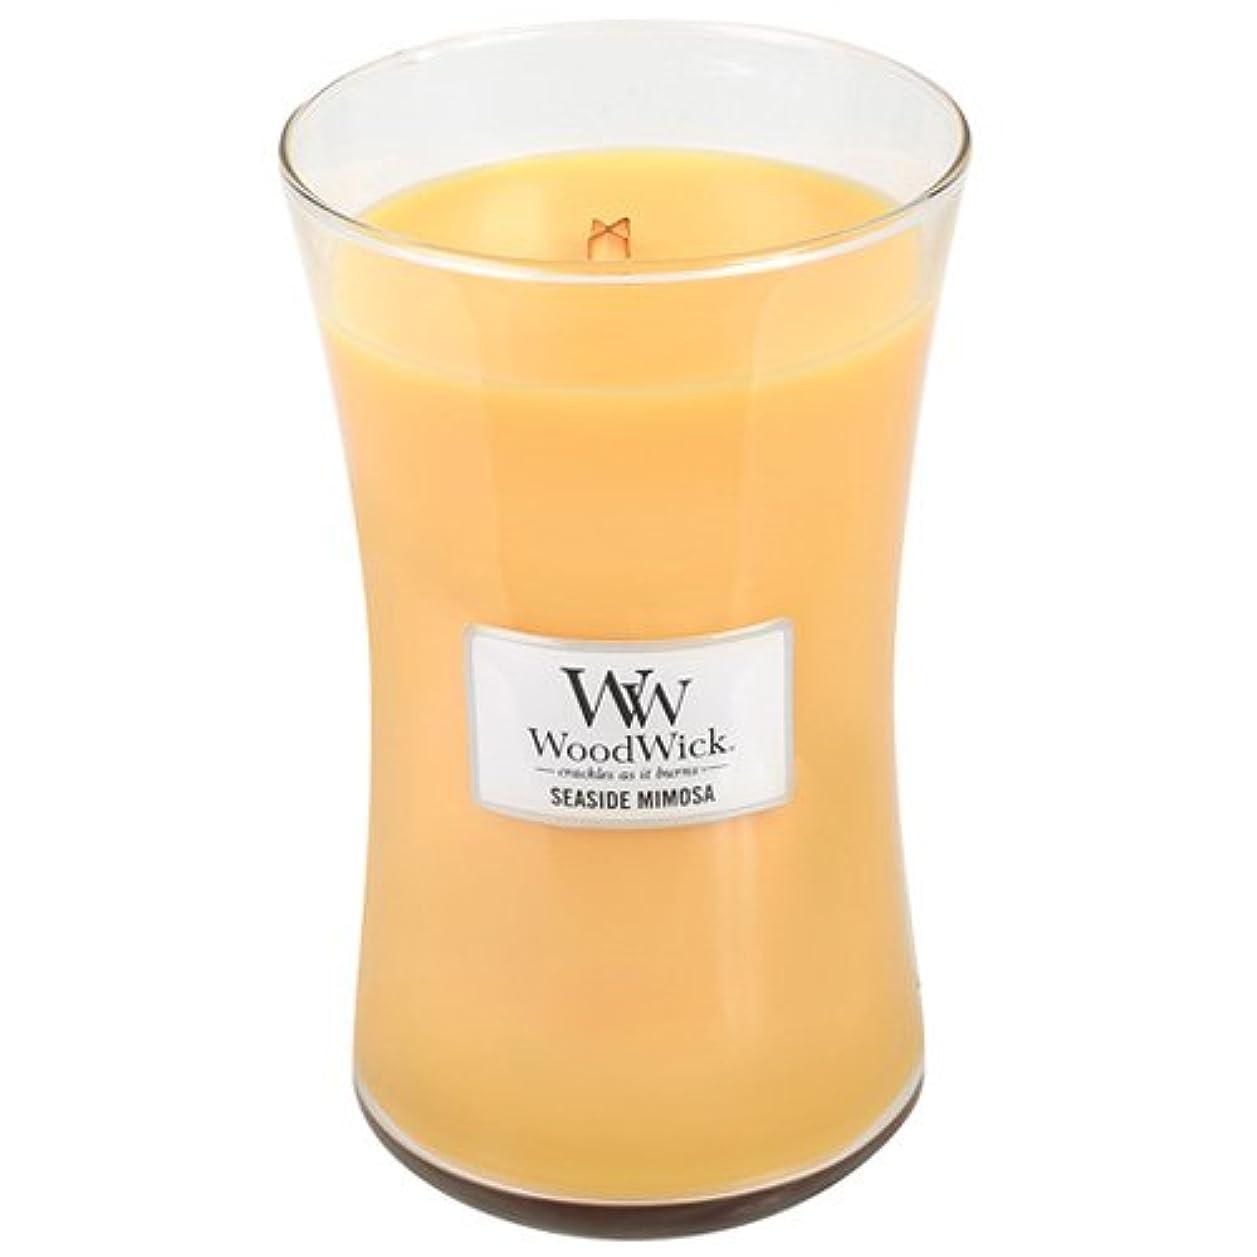 マナー縁石凶暴なSeasideミモザWoodWick 22oz香りつきJar Candle Burns 180時間